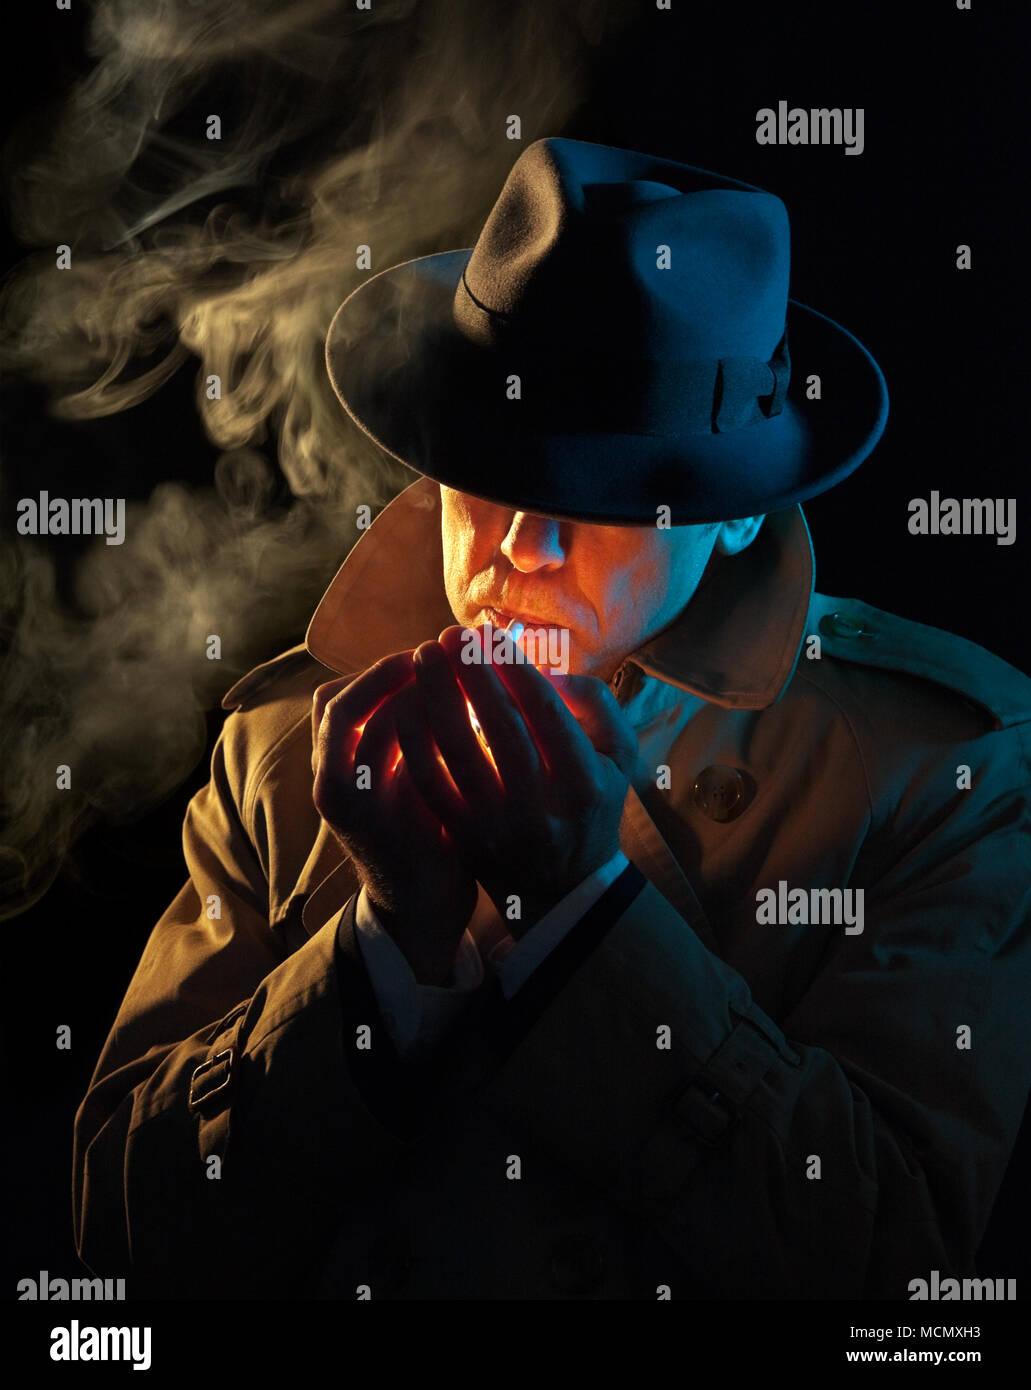 Privatdetektiv eine Zigarette, Film Noir Stil Stockbild